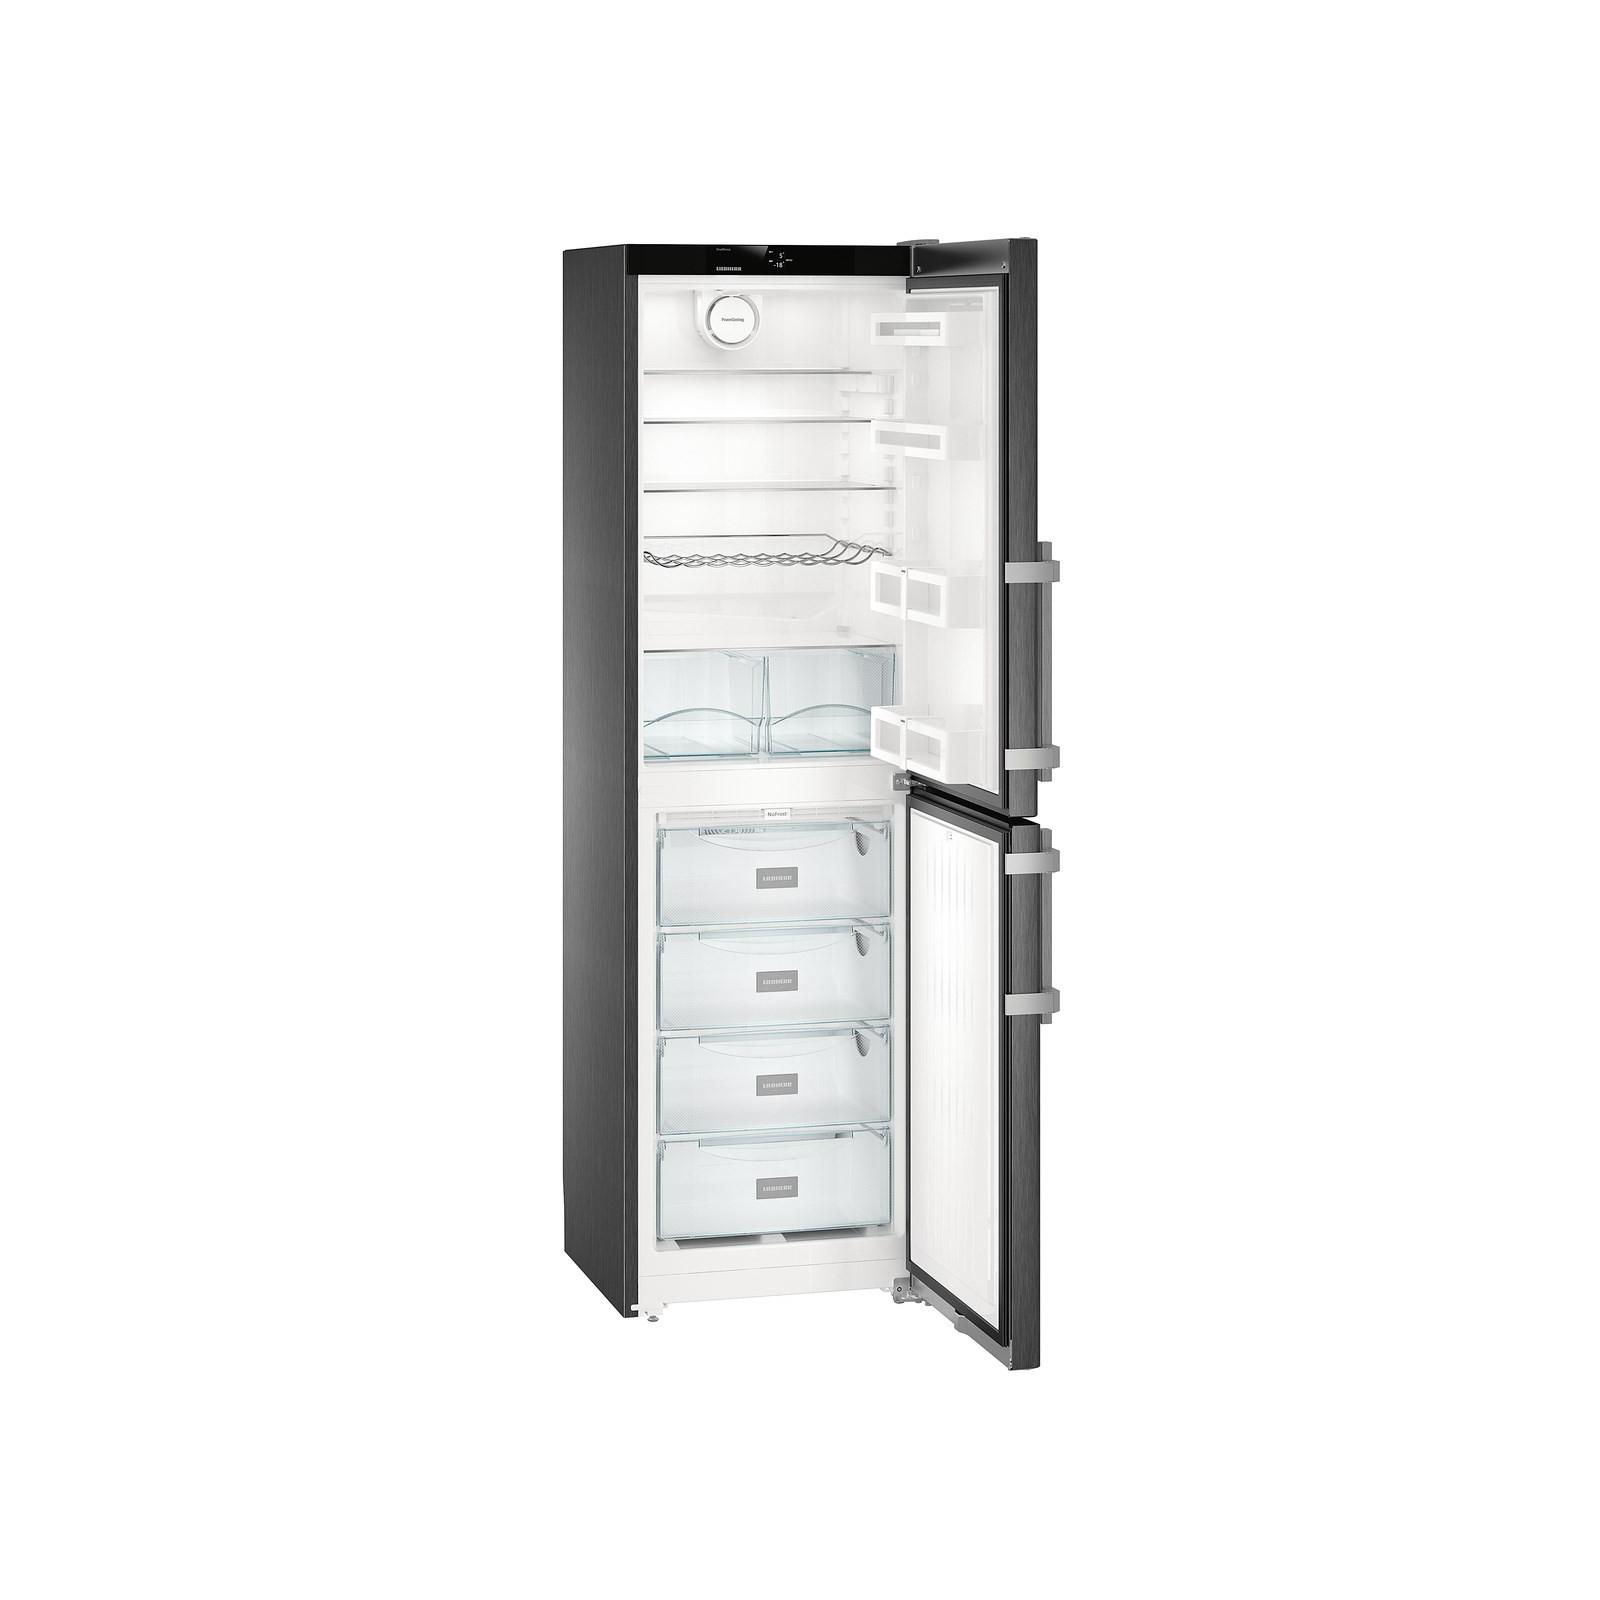 Холодильник Liebherr CNbs 3915 изображение 3